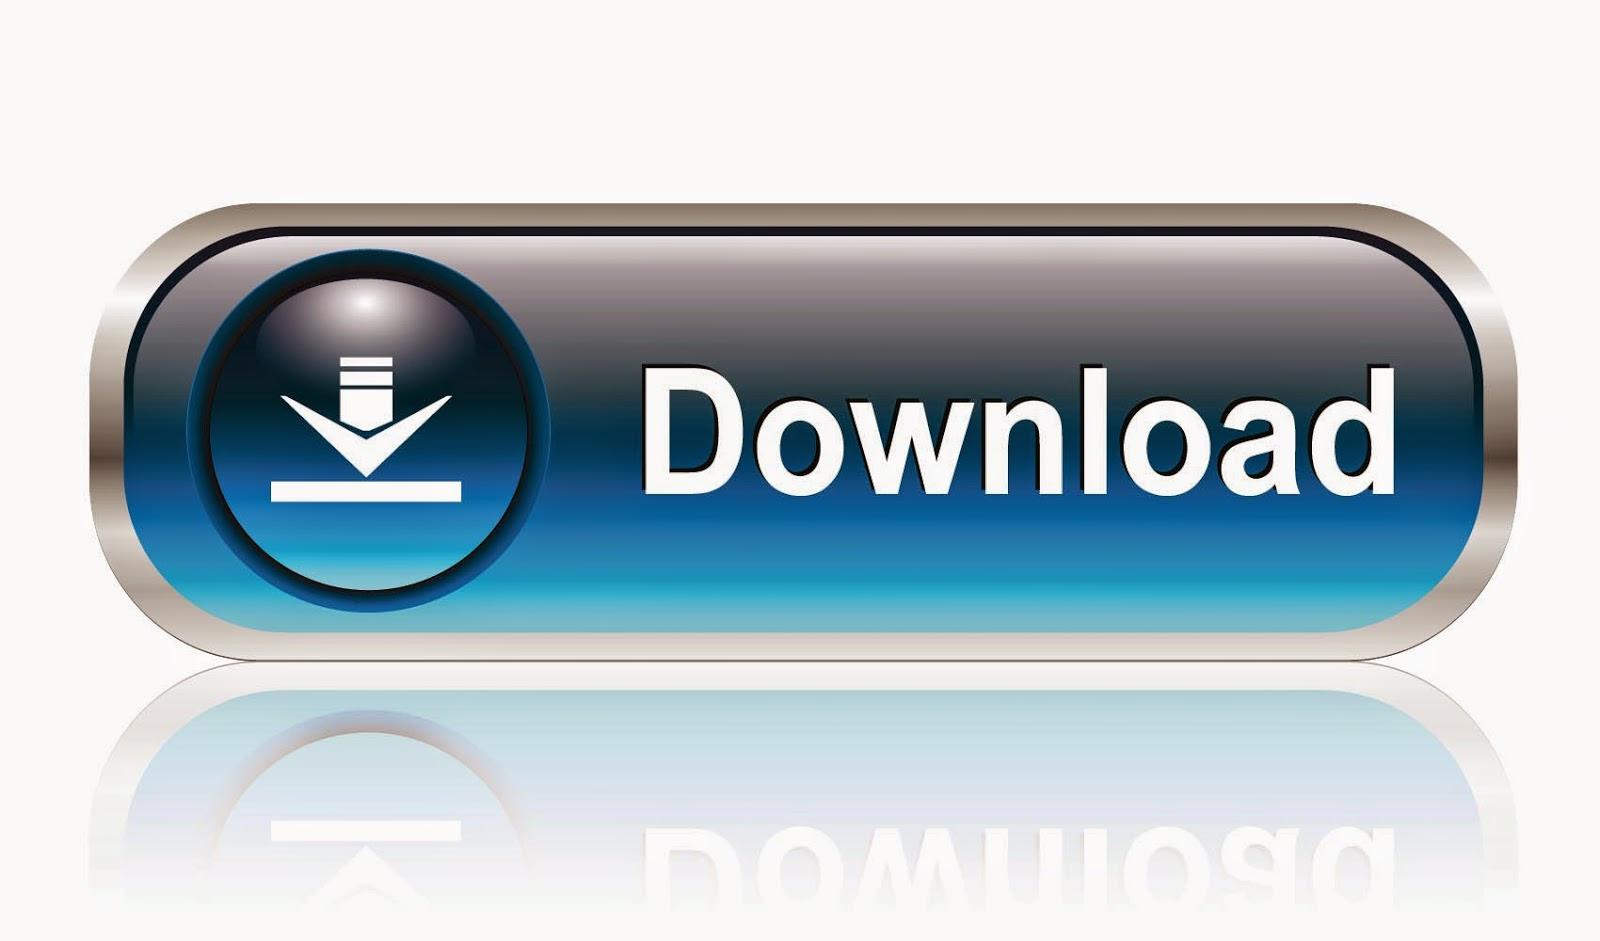 """<img src=""""http://2.bp.blogspot.com/-nVJFNPSax6g/U2piRLttNUI/AAAAAAAAClU/qd6G2MMObnI/s1600/Sole-GO-Launcher-Theme.jpg"""" alt=""""Sole GO Launcher Theme Apk Free Download"""" />"""